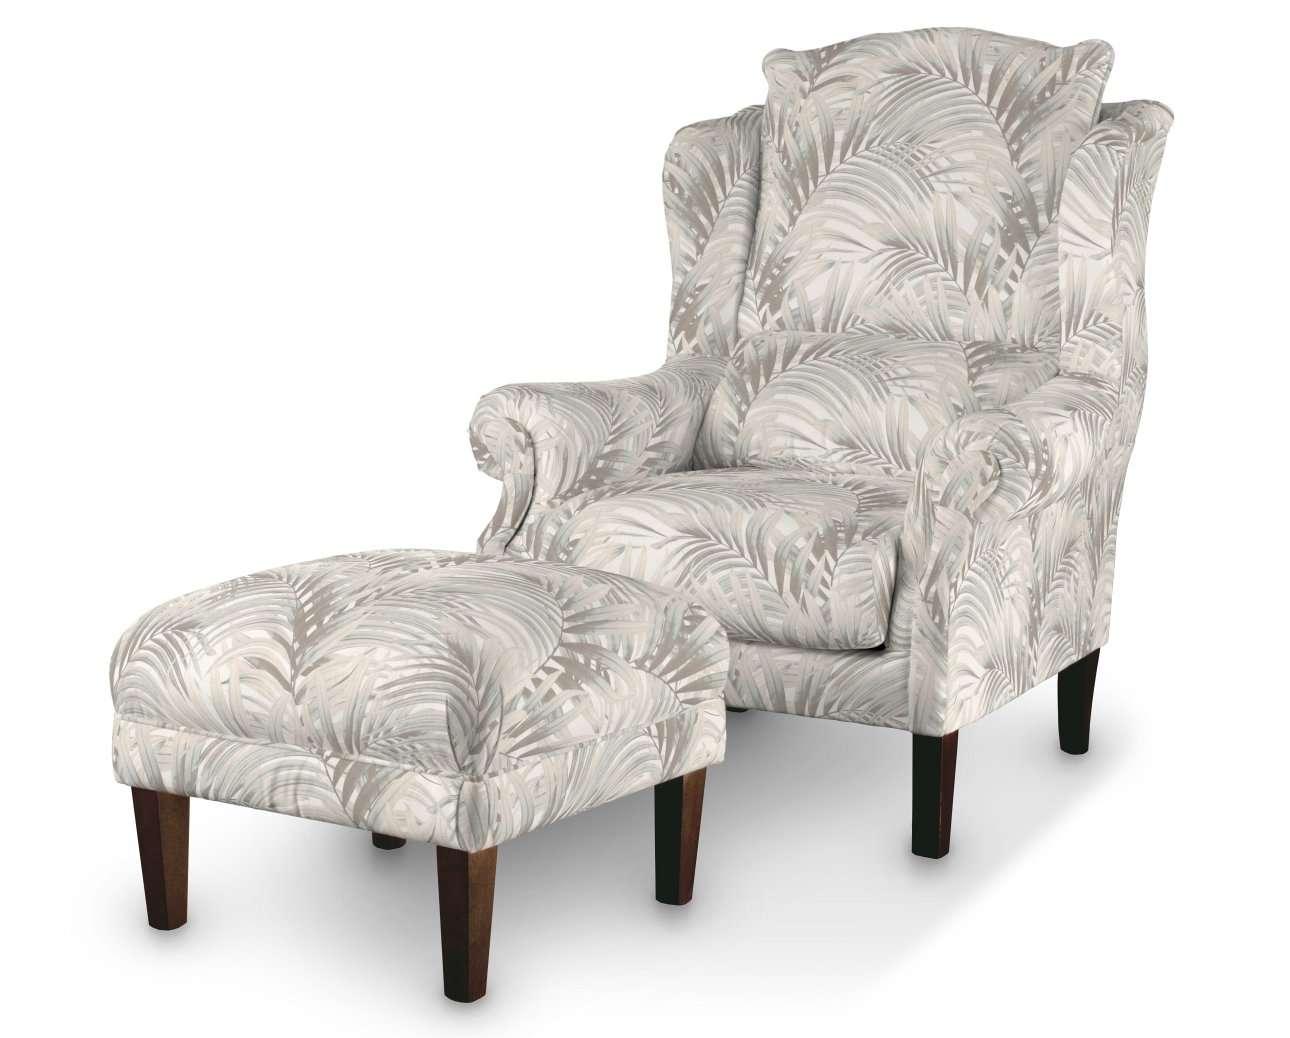 Podnóżek do fotela w kolekcji Gardenia, tkanina: 142-14